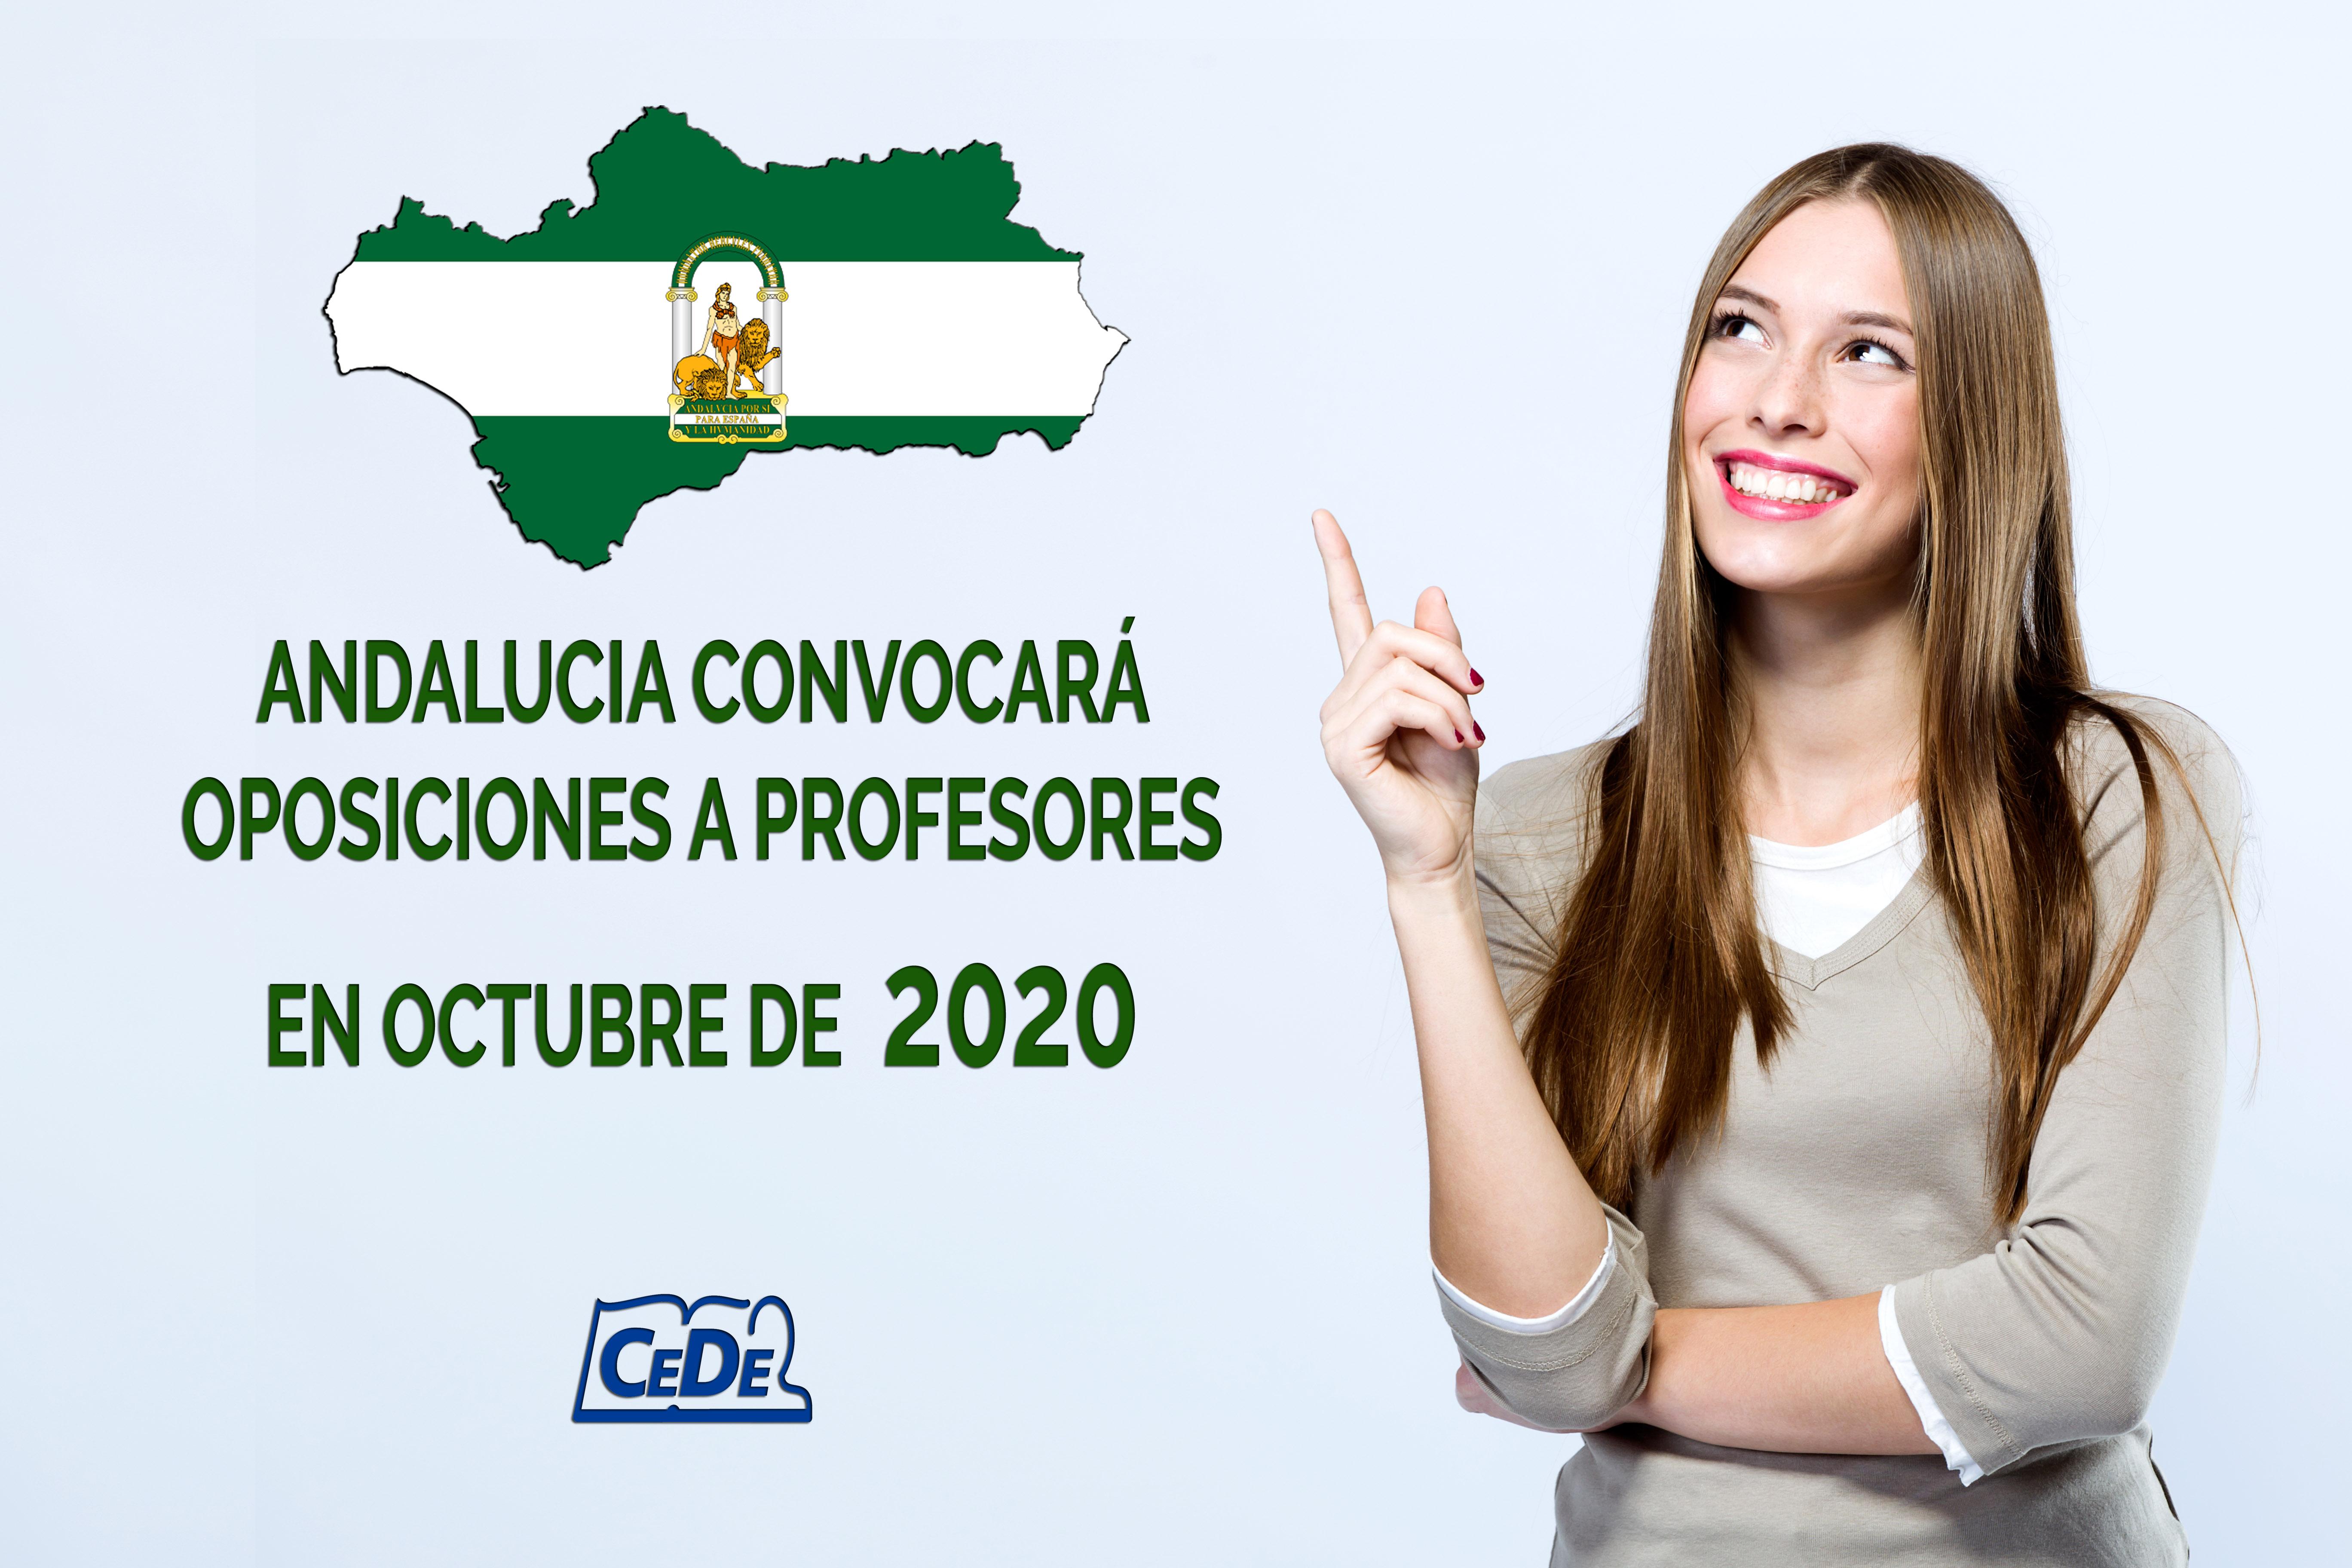 Andalucía convocará oposiciones de profesores